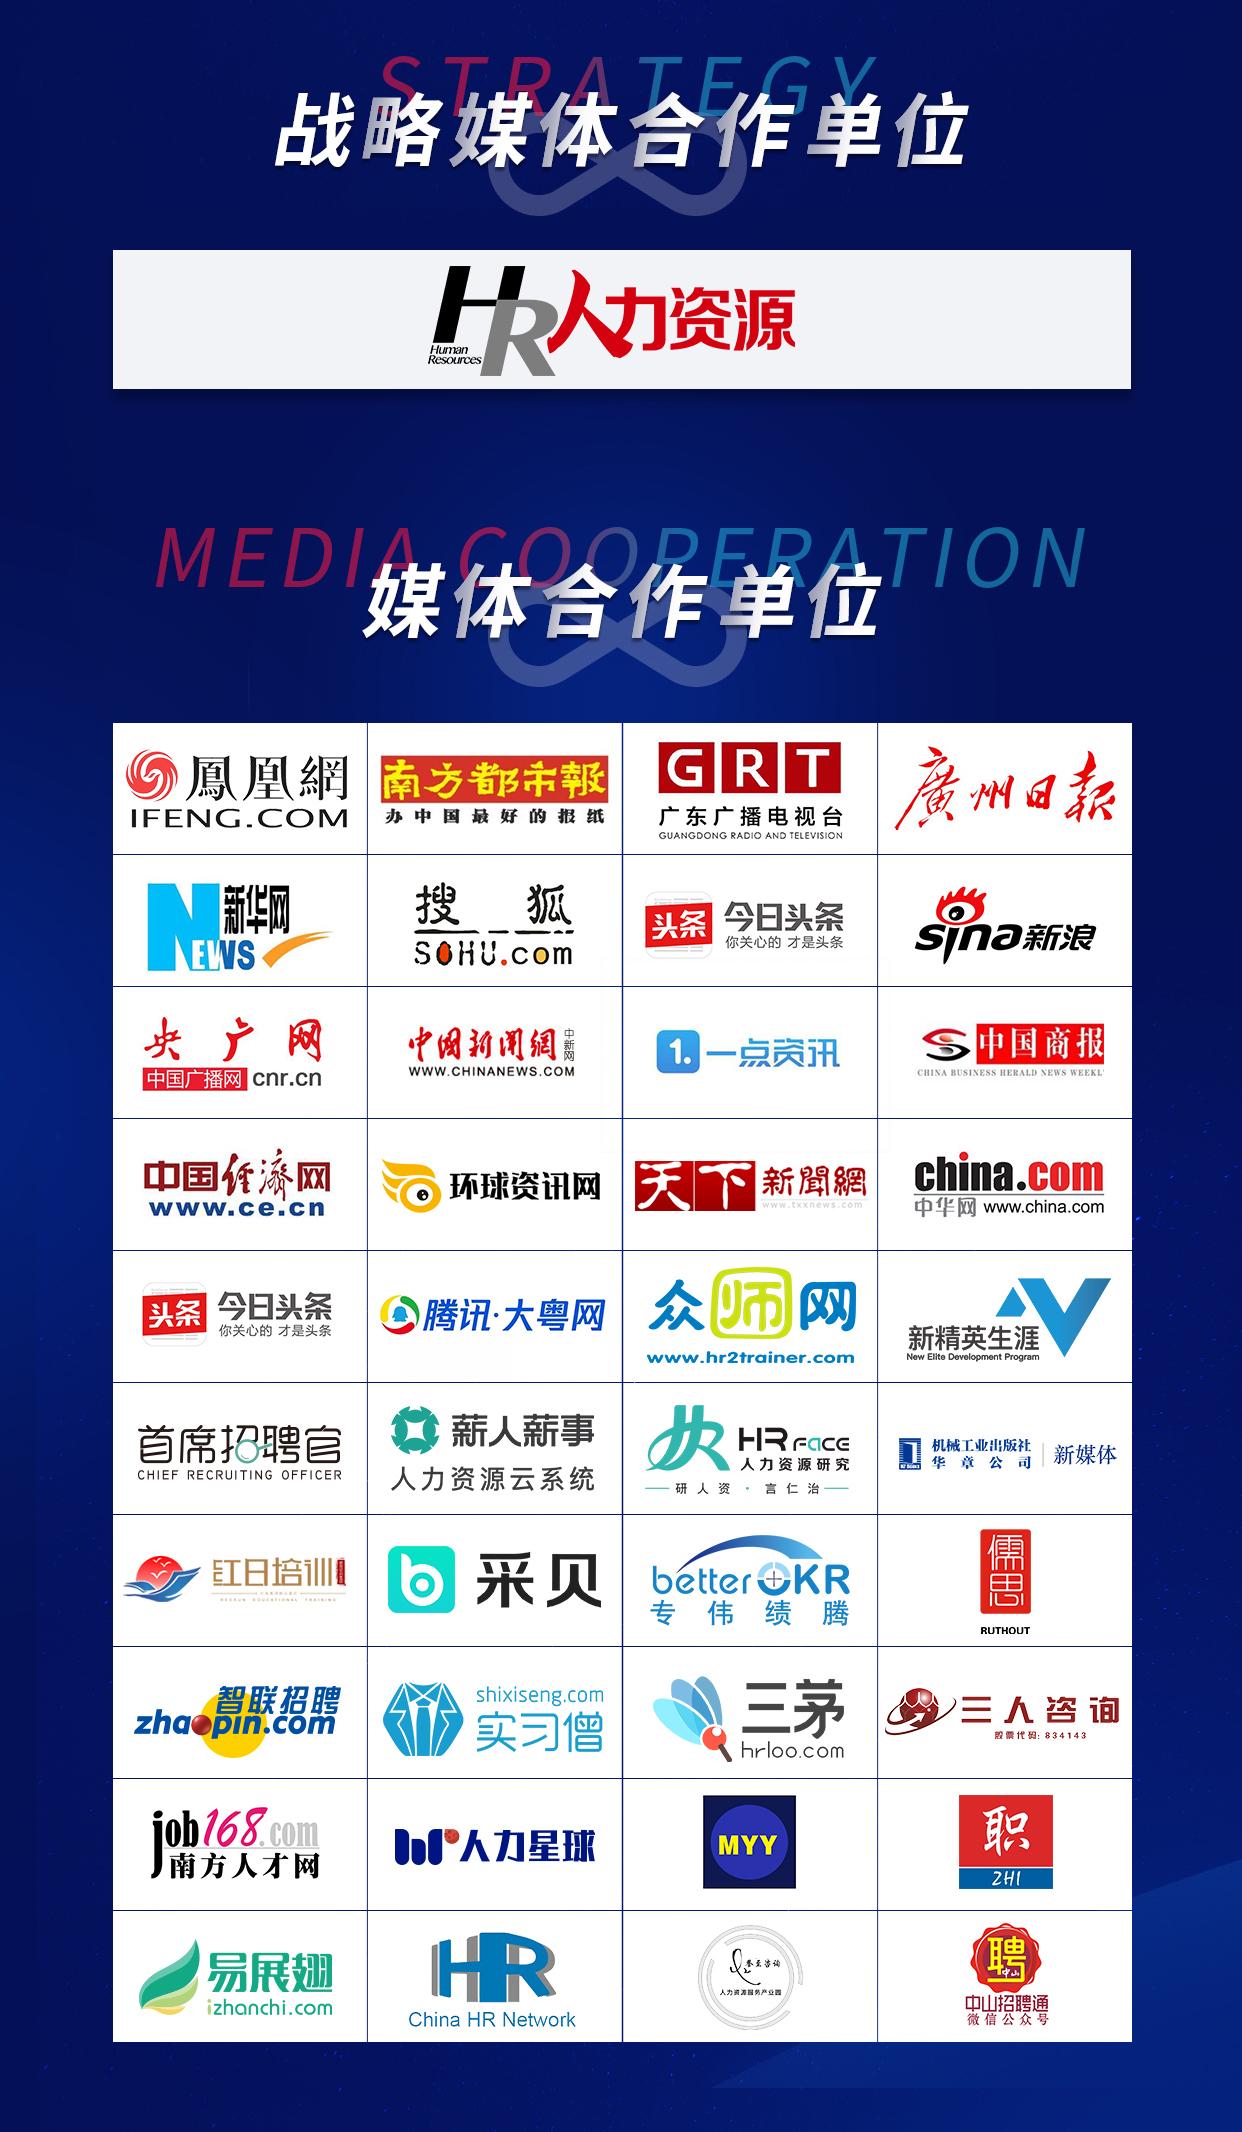 2019年度中国华南地区人力资源创先争优(金人奖)榜单发布插图(1)